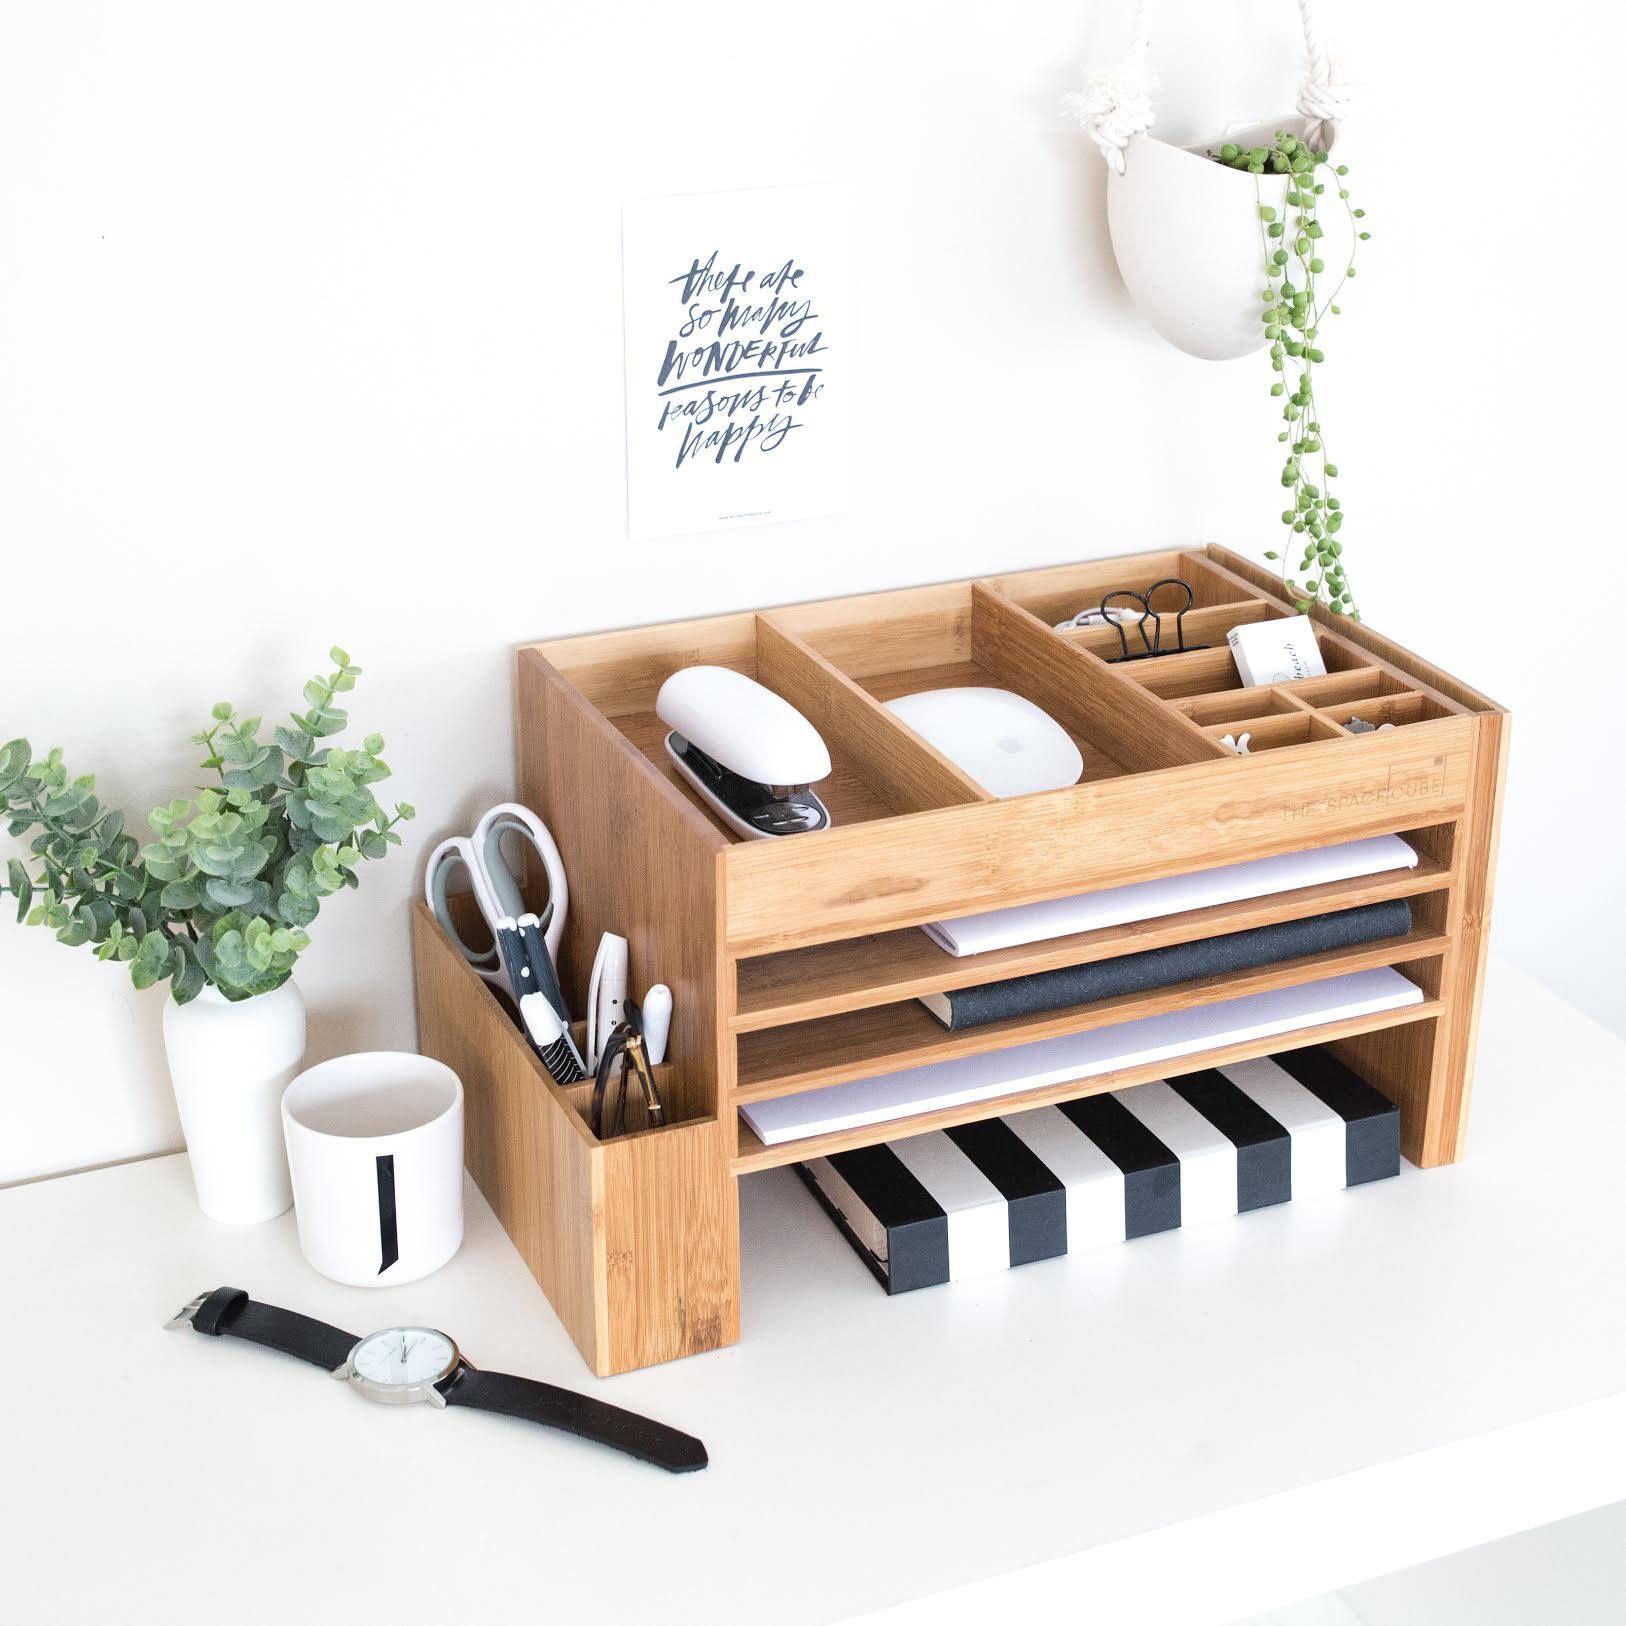 pin by vaina on tools in 2019 decoracion de muebles muebles organizadores decoracion escritorio. Black Bedroom Furniture Sets. Home Design Ideas